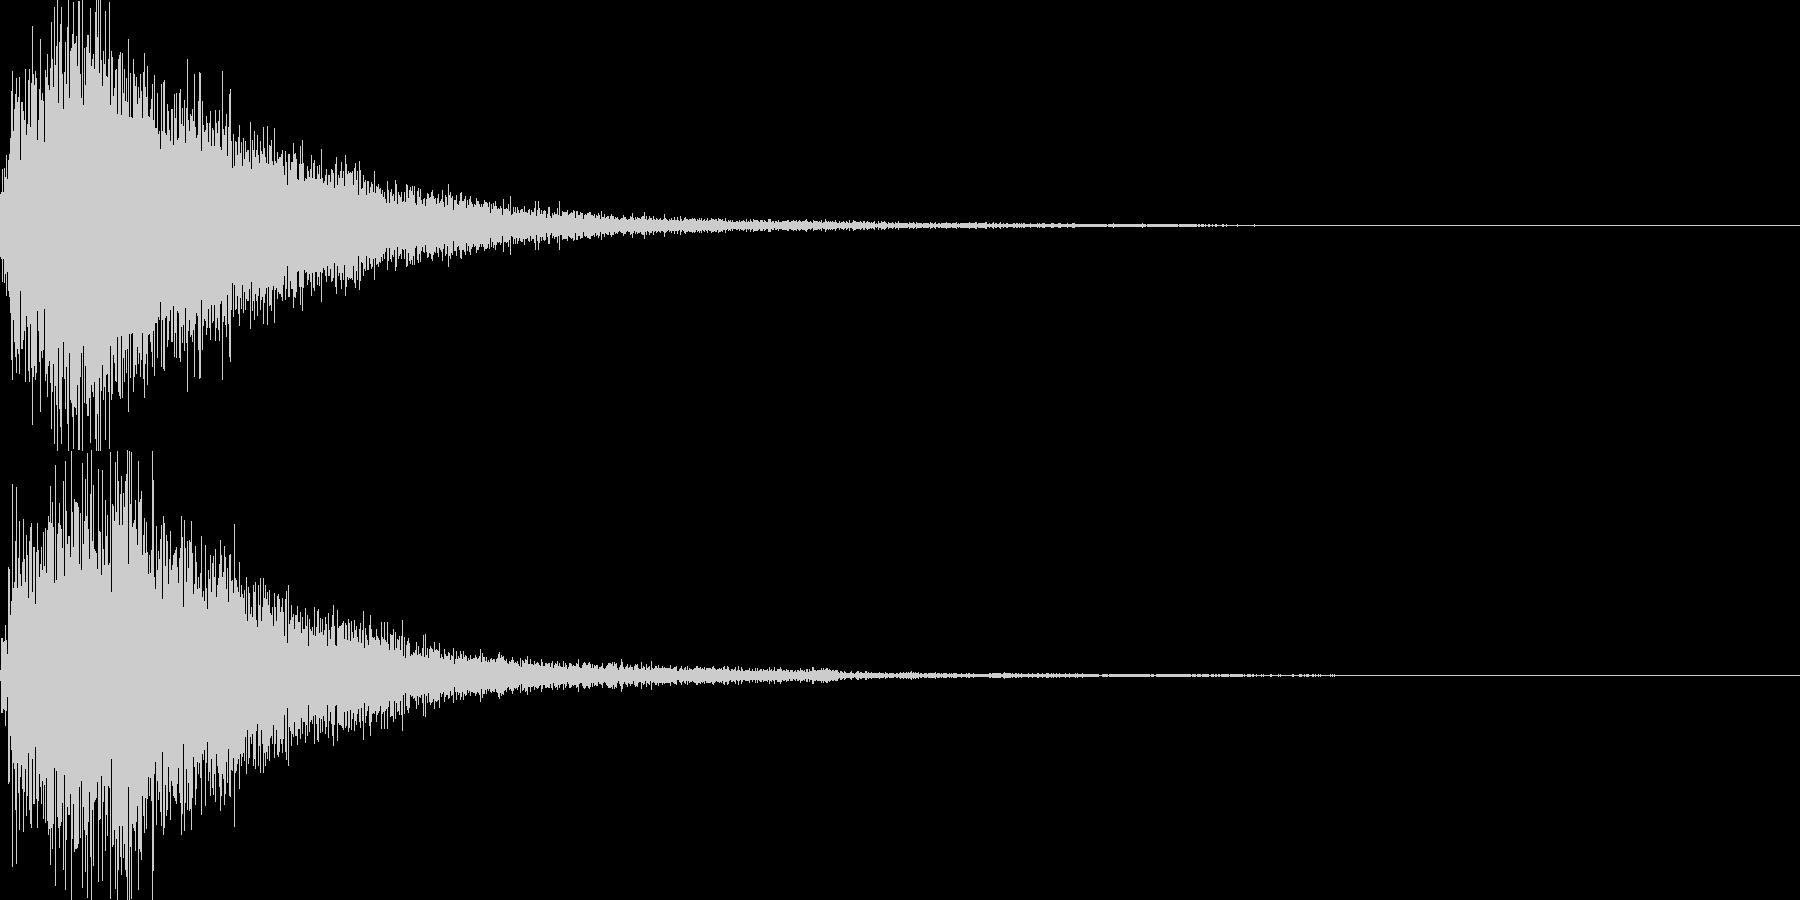 琴使用の和風決定スタート音の未再生の波形